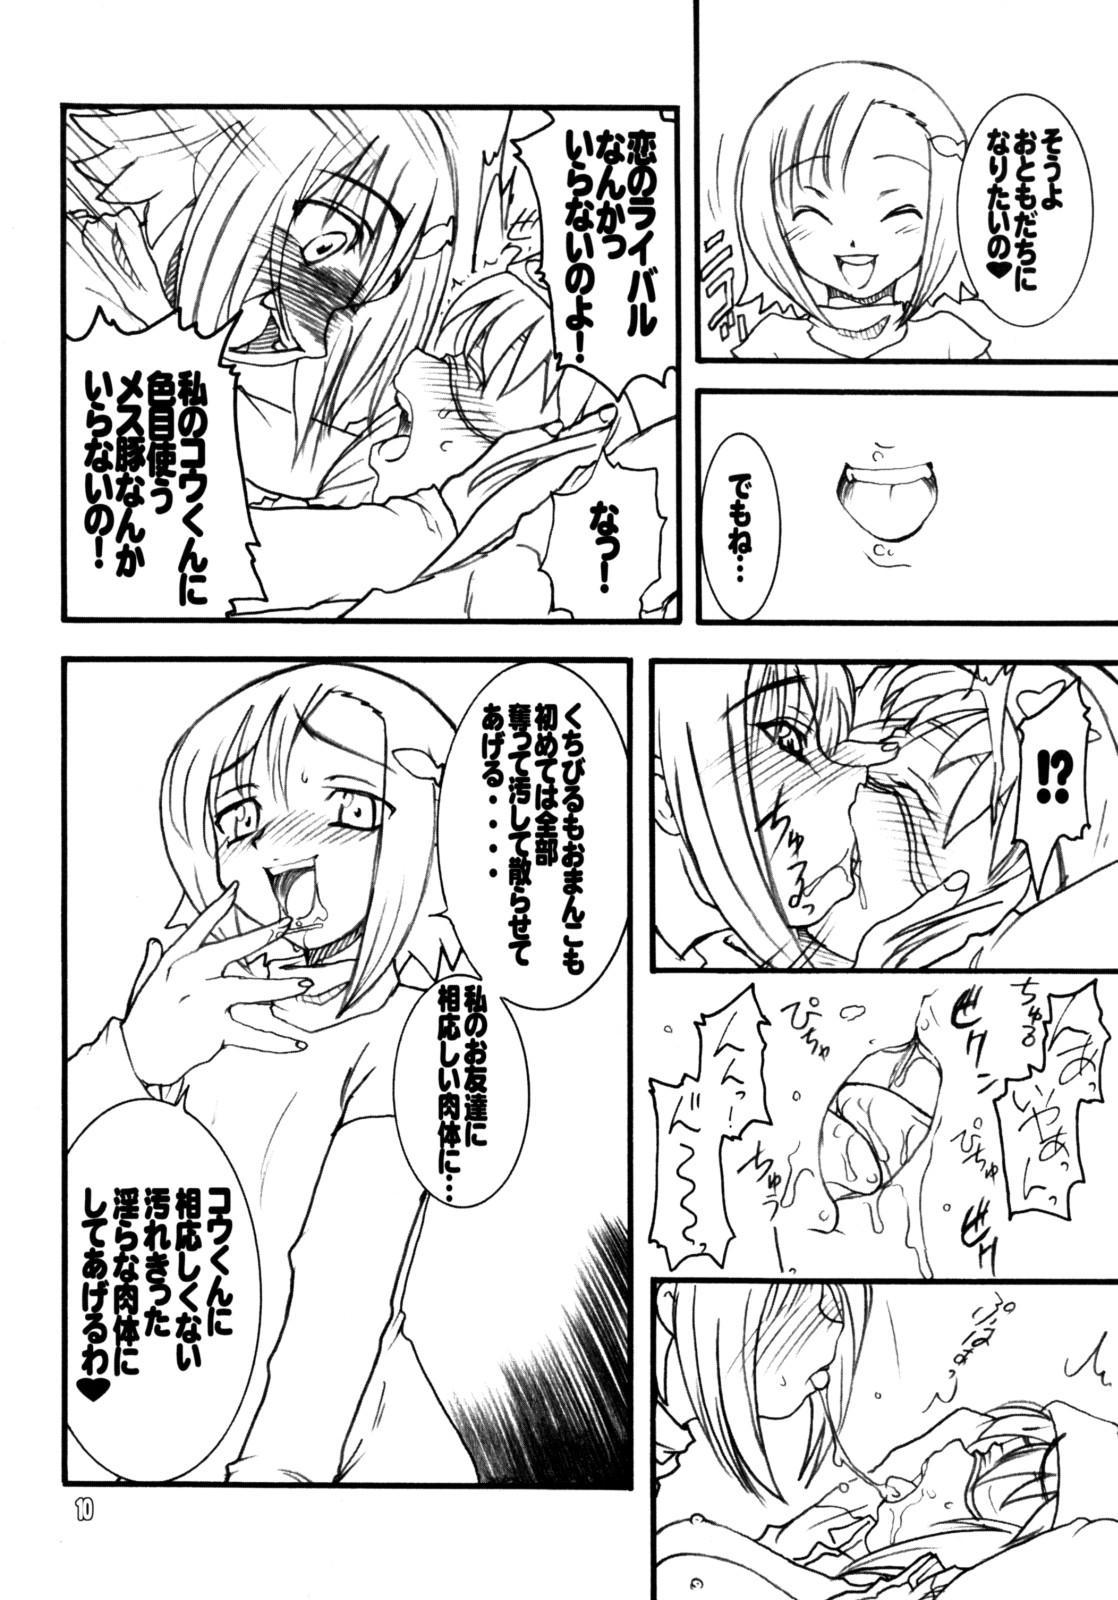 Usagi Drops FULL! 8